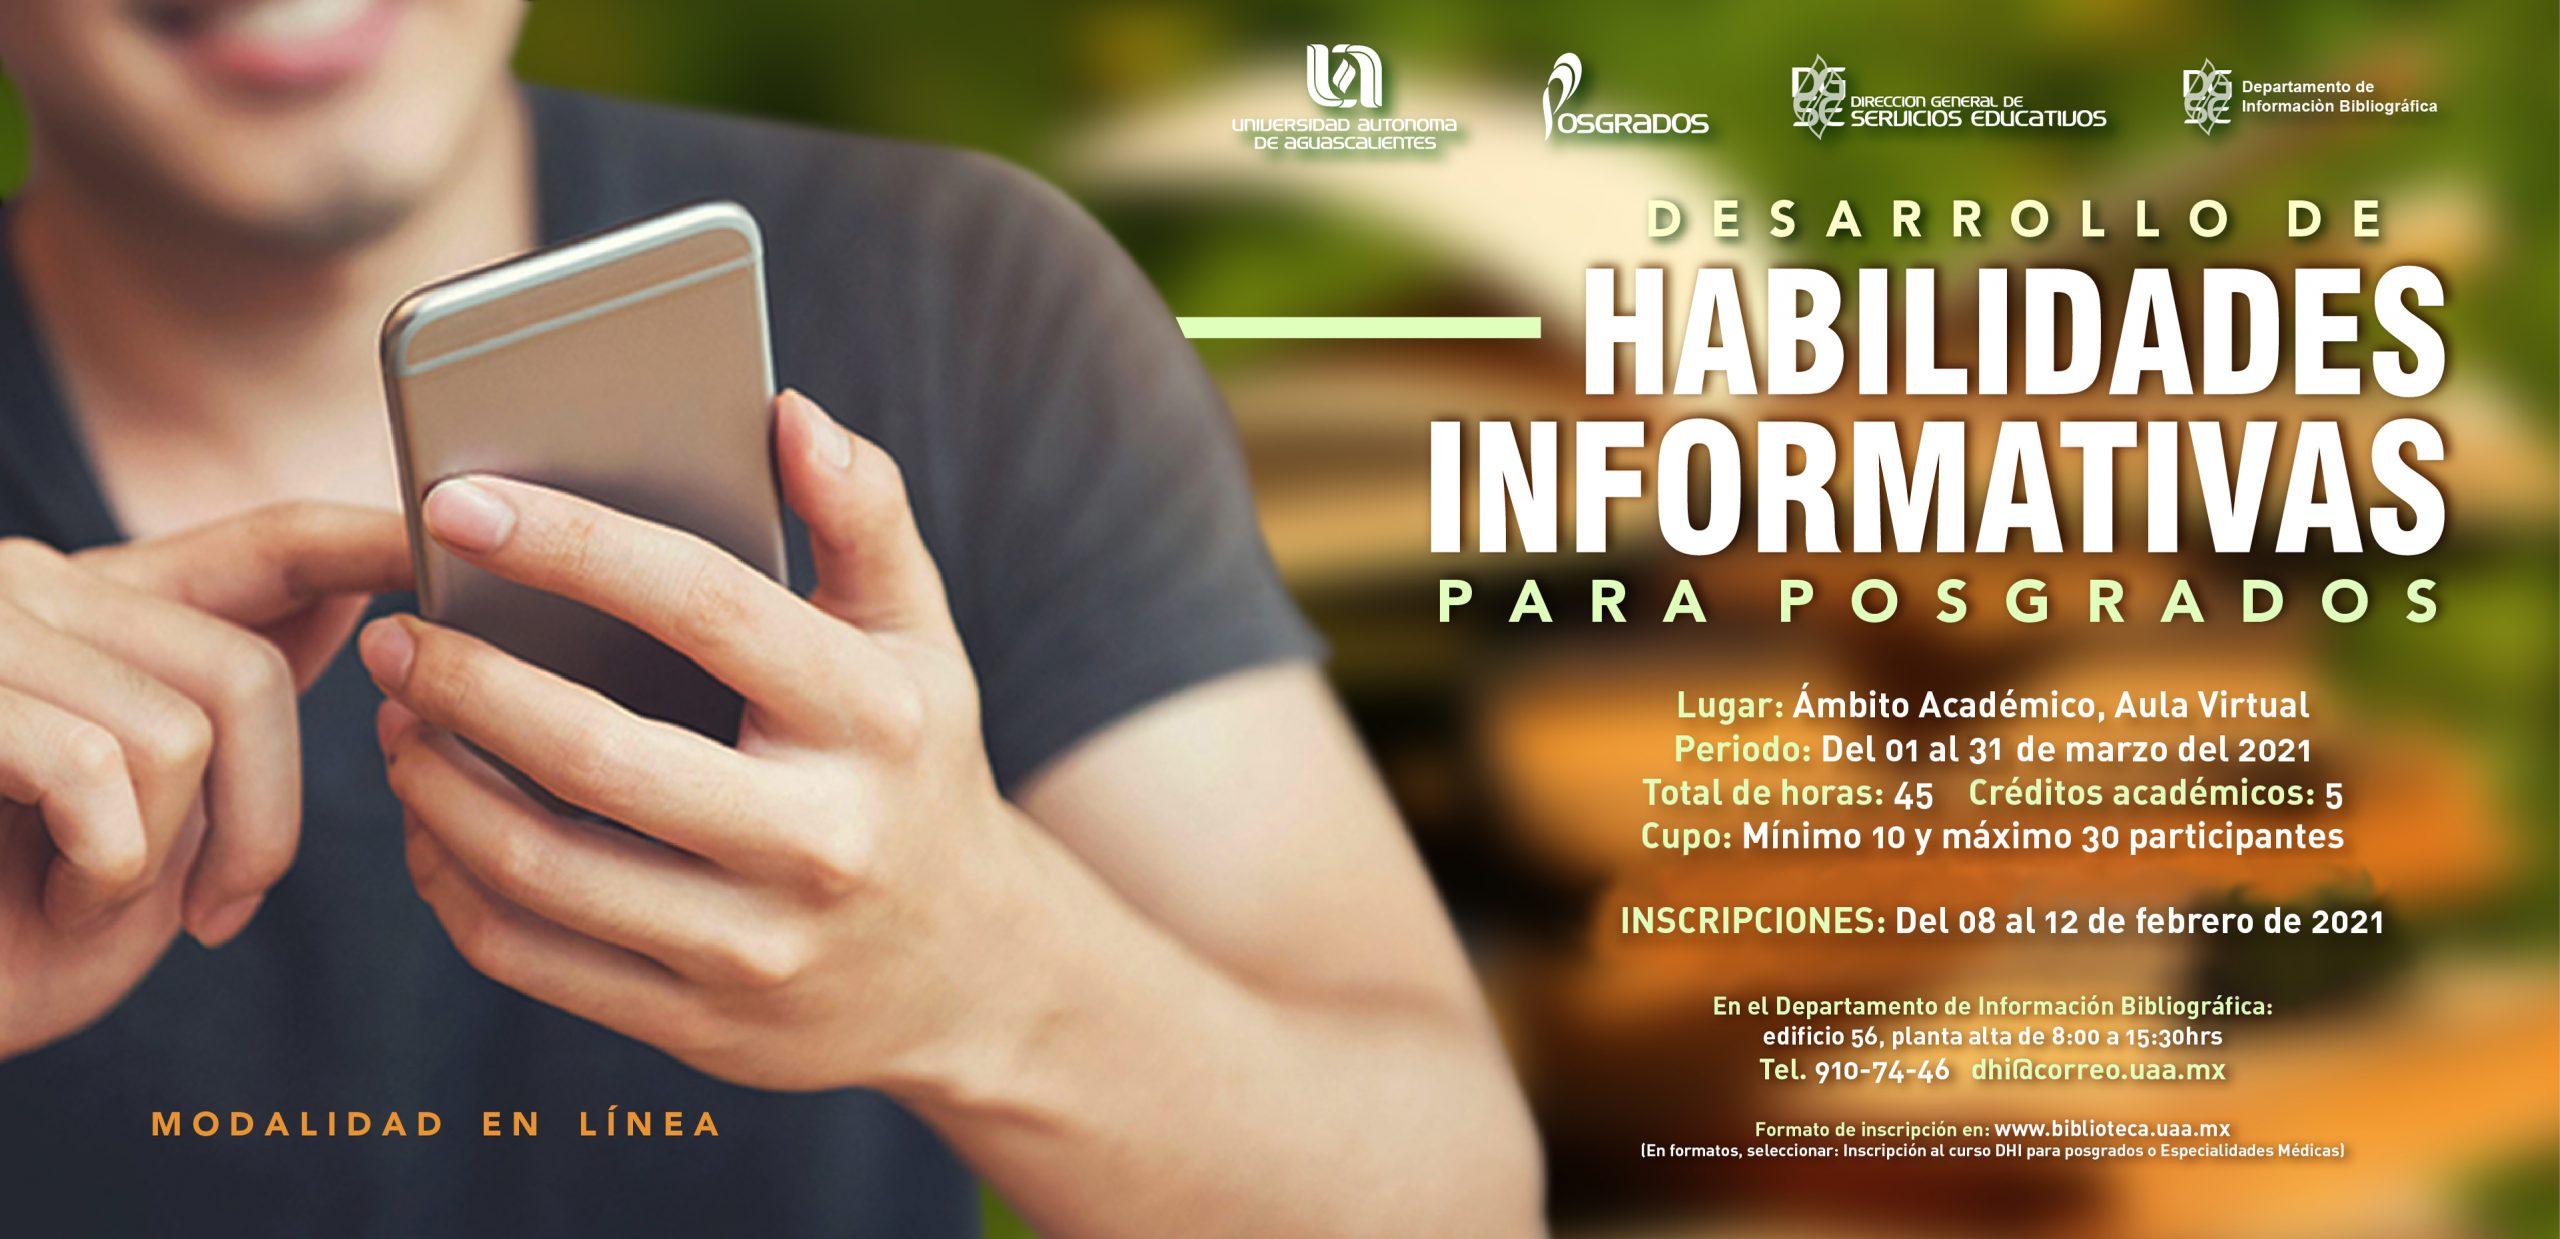 Curso Desarrollo de Habilidades Informativas para Posgrados